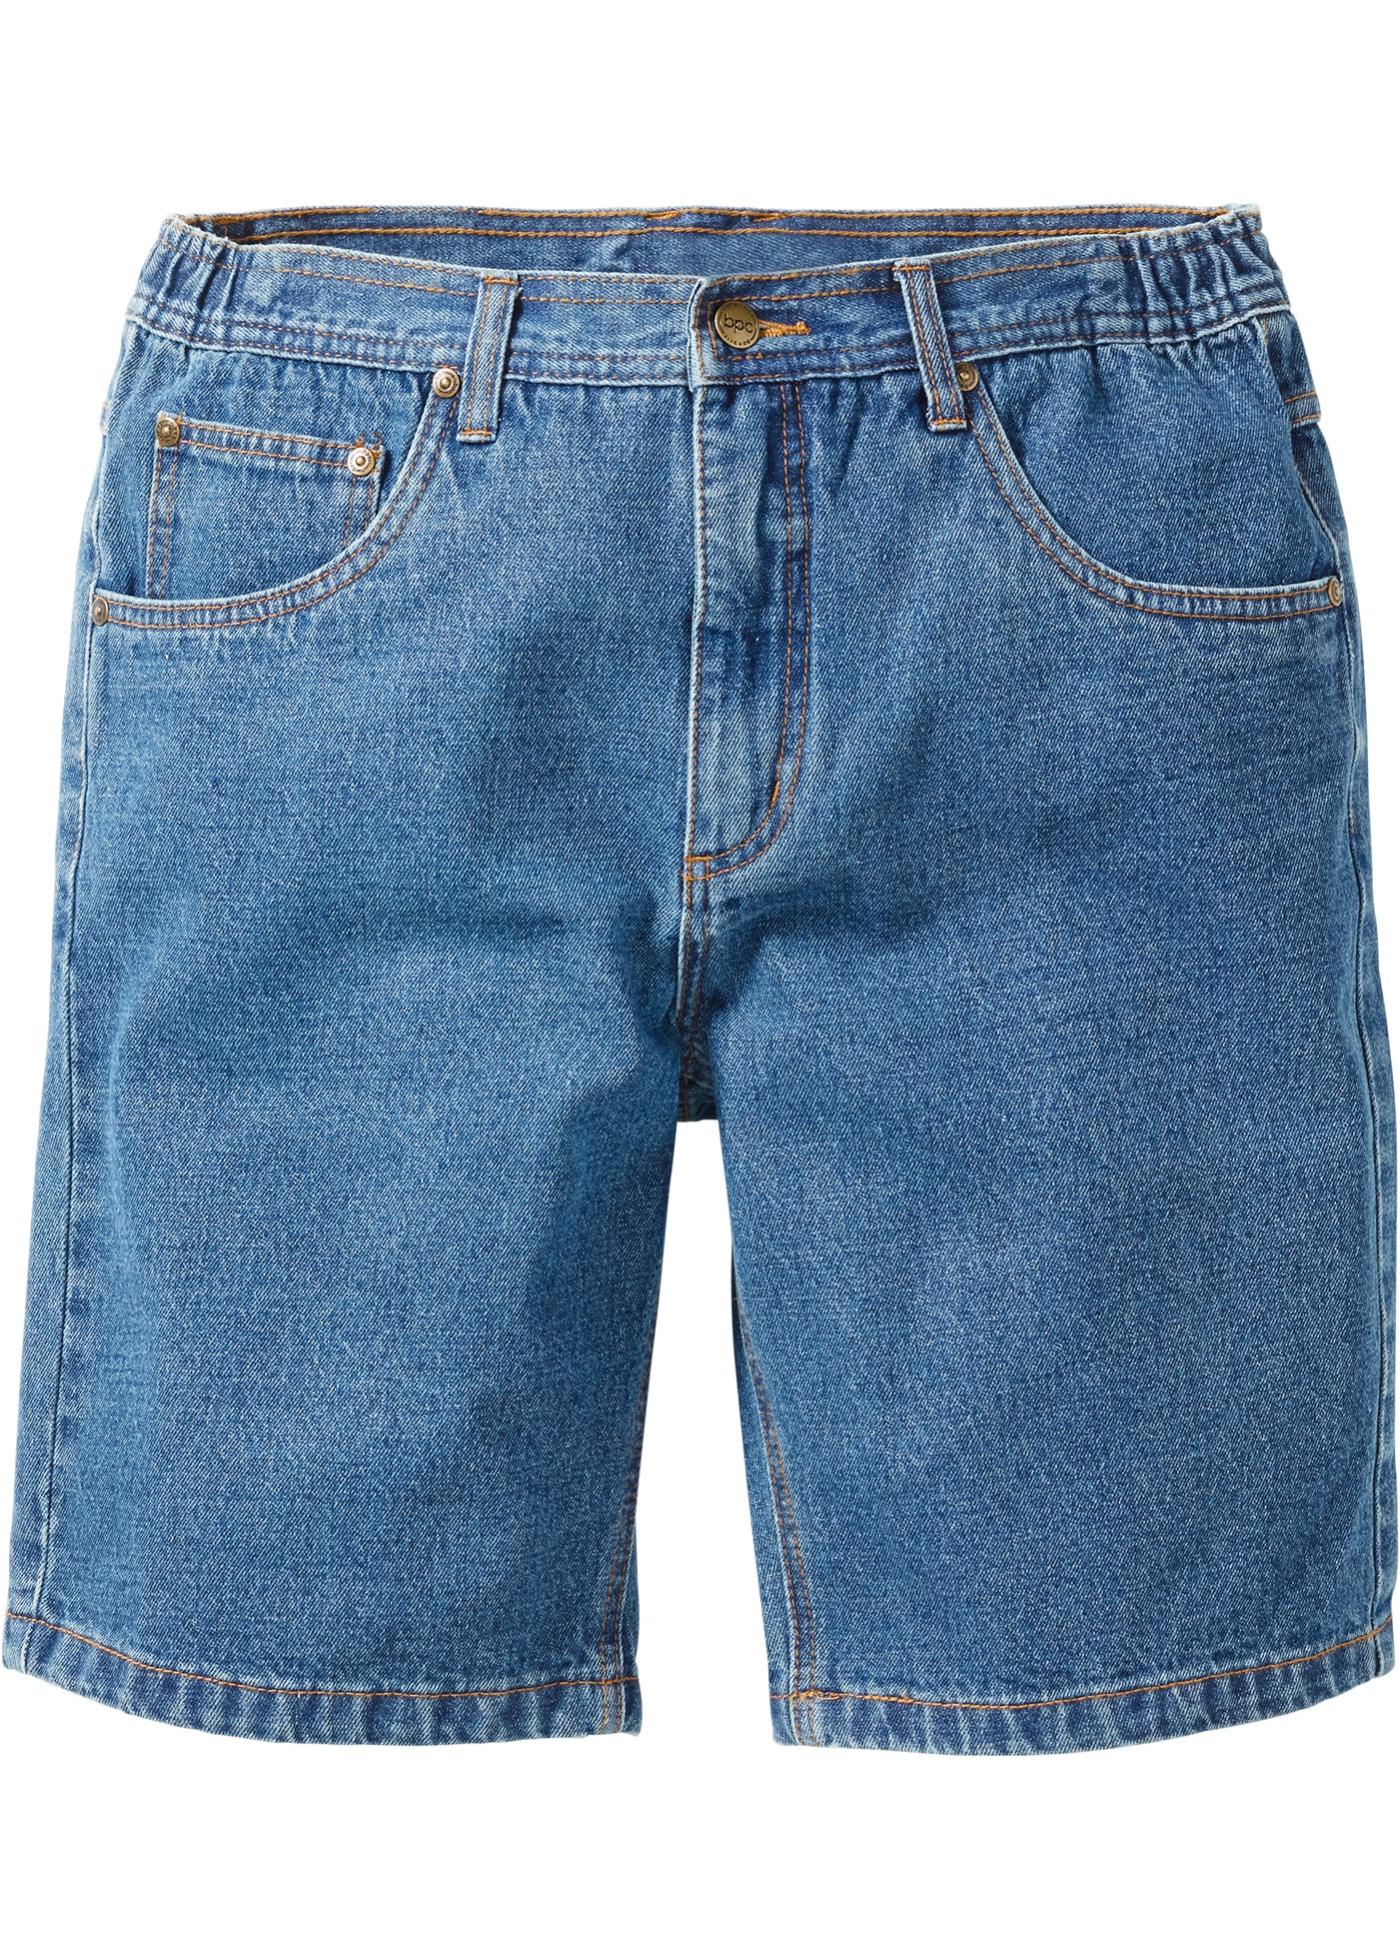 Bermuda di jeans classic fit (Blu) - John Baner JEANSWEAR (2254984083)